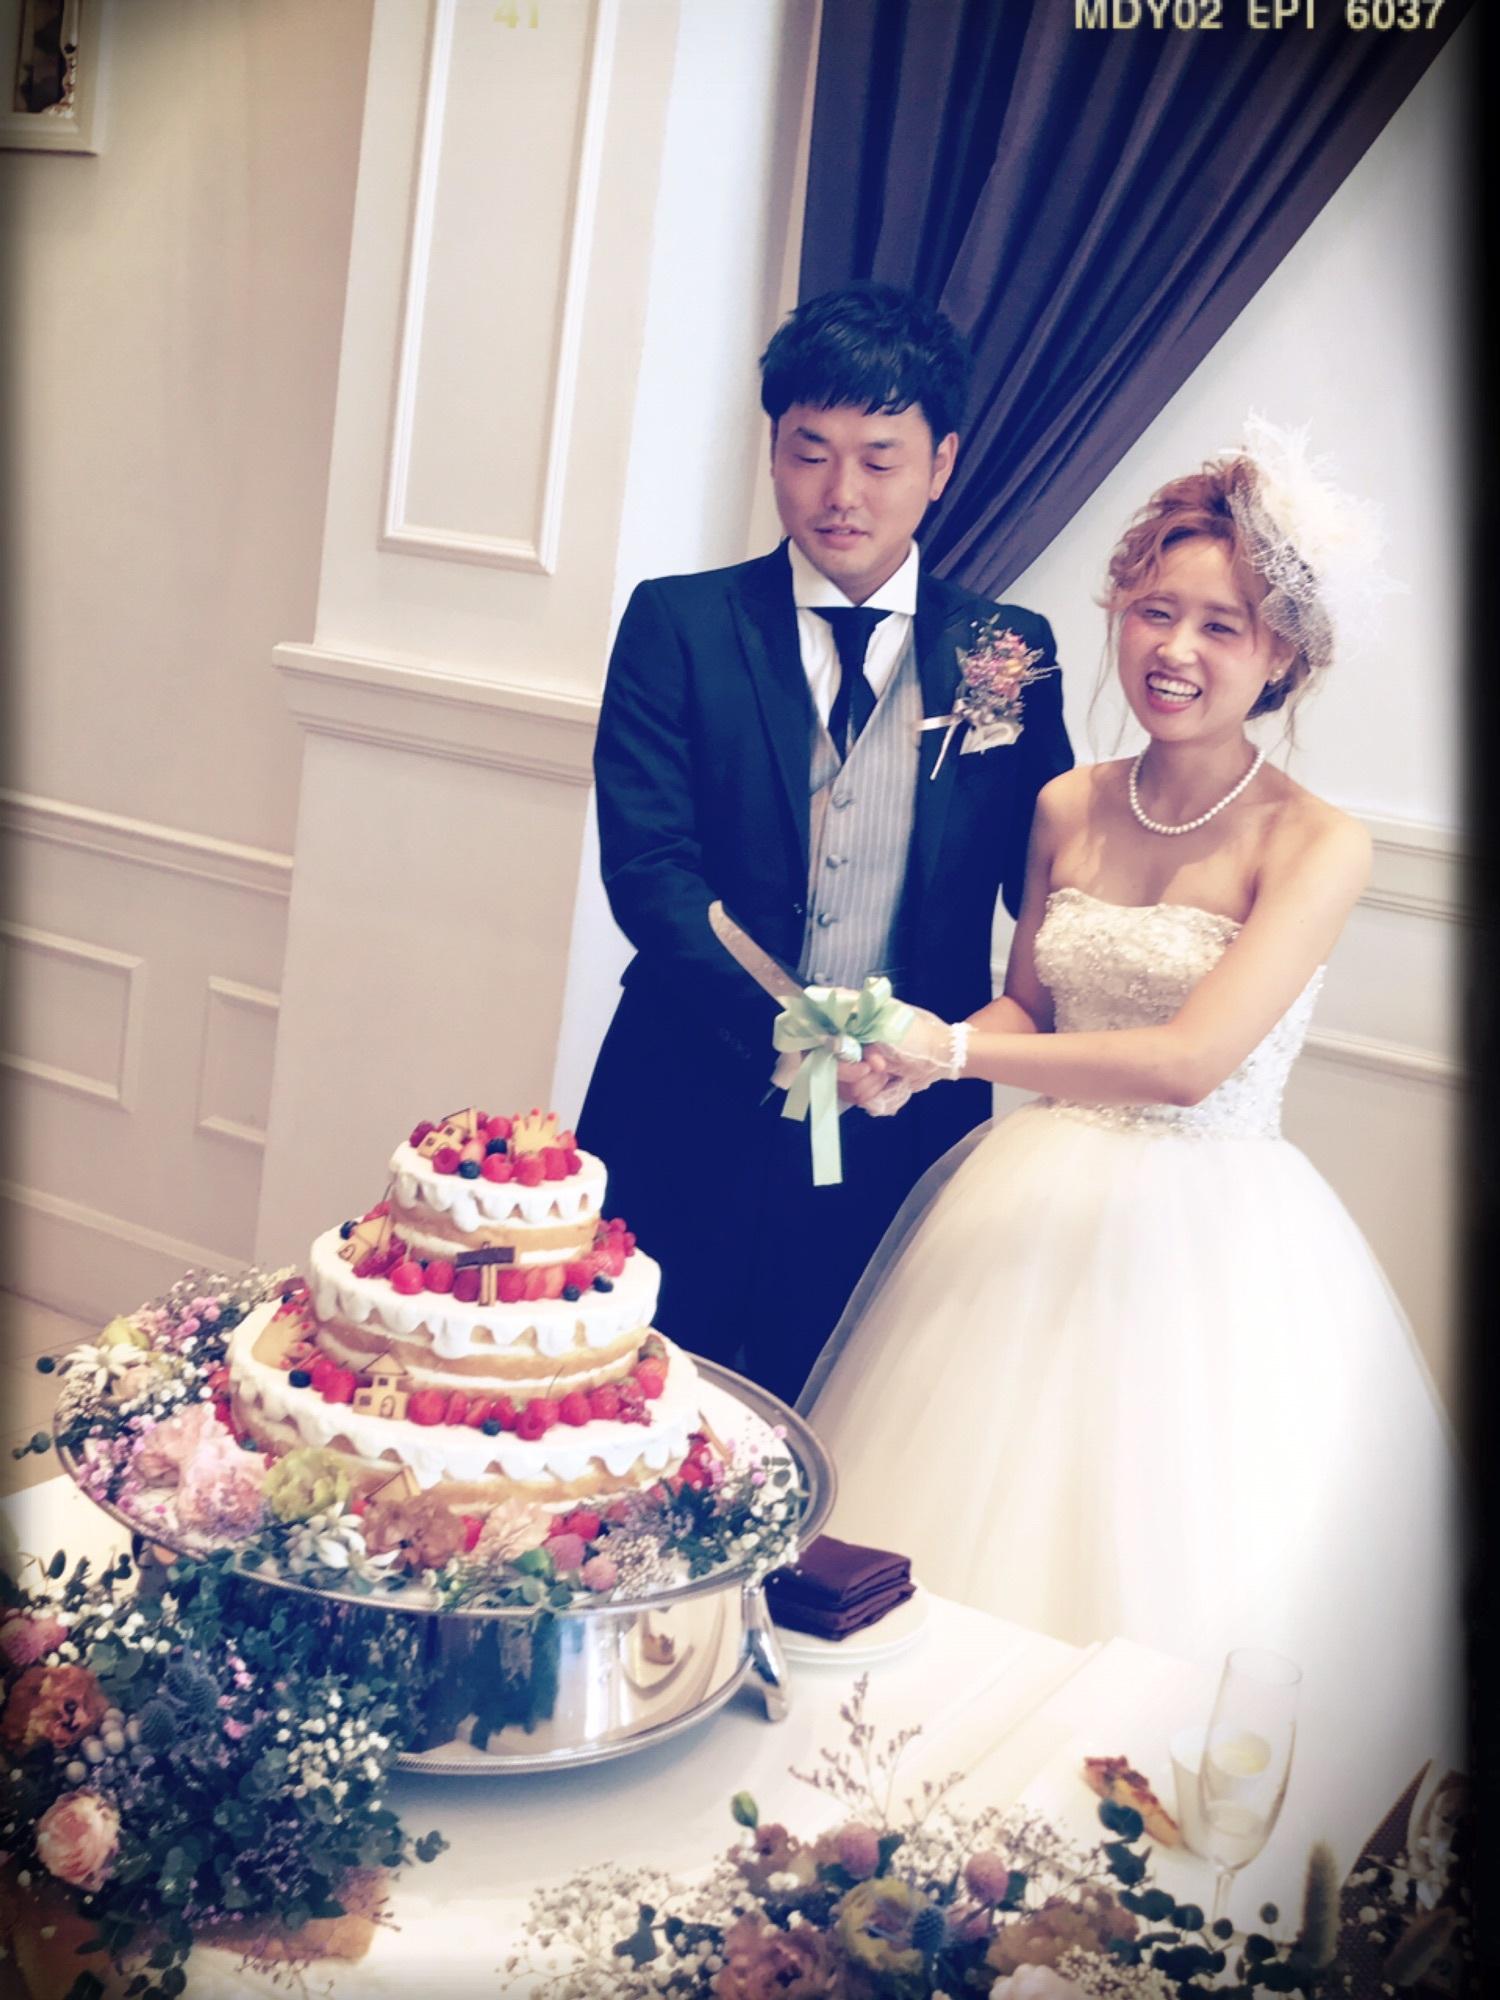 大石絵理さん結婚式 ④ 【ケーキ入刀編】 ファーストバイト